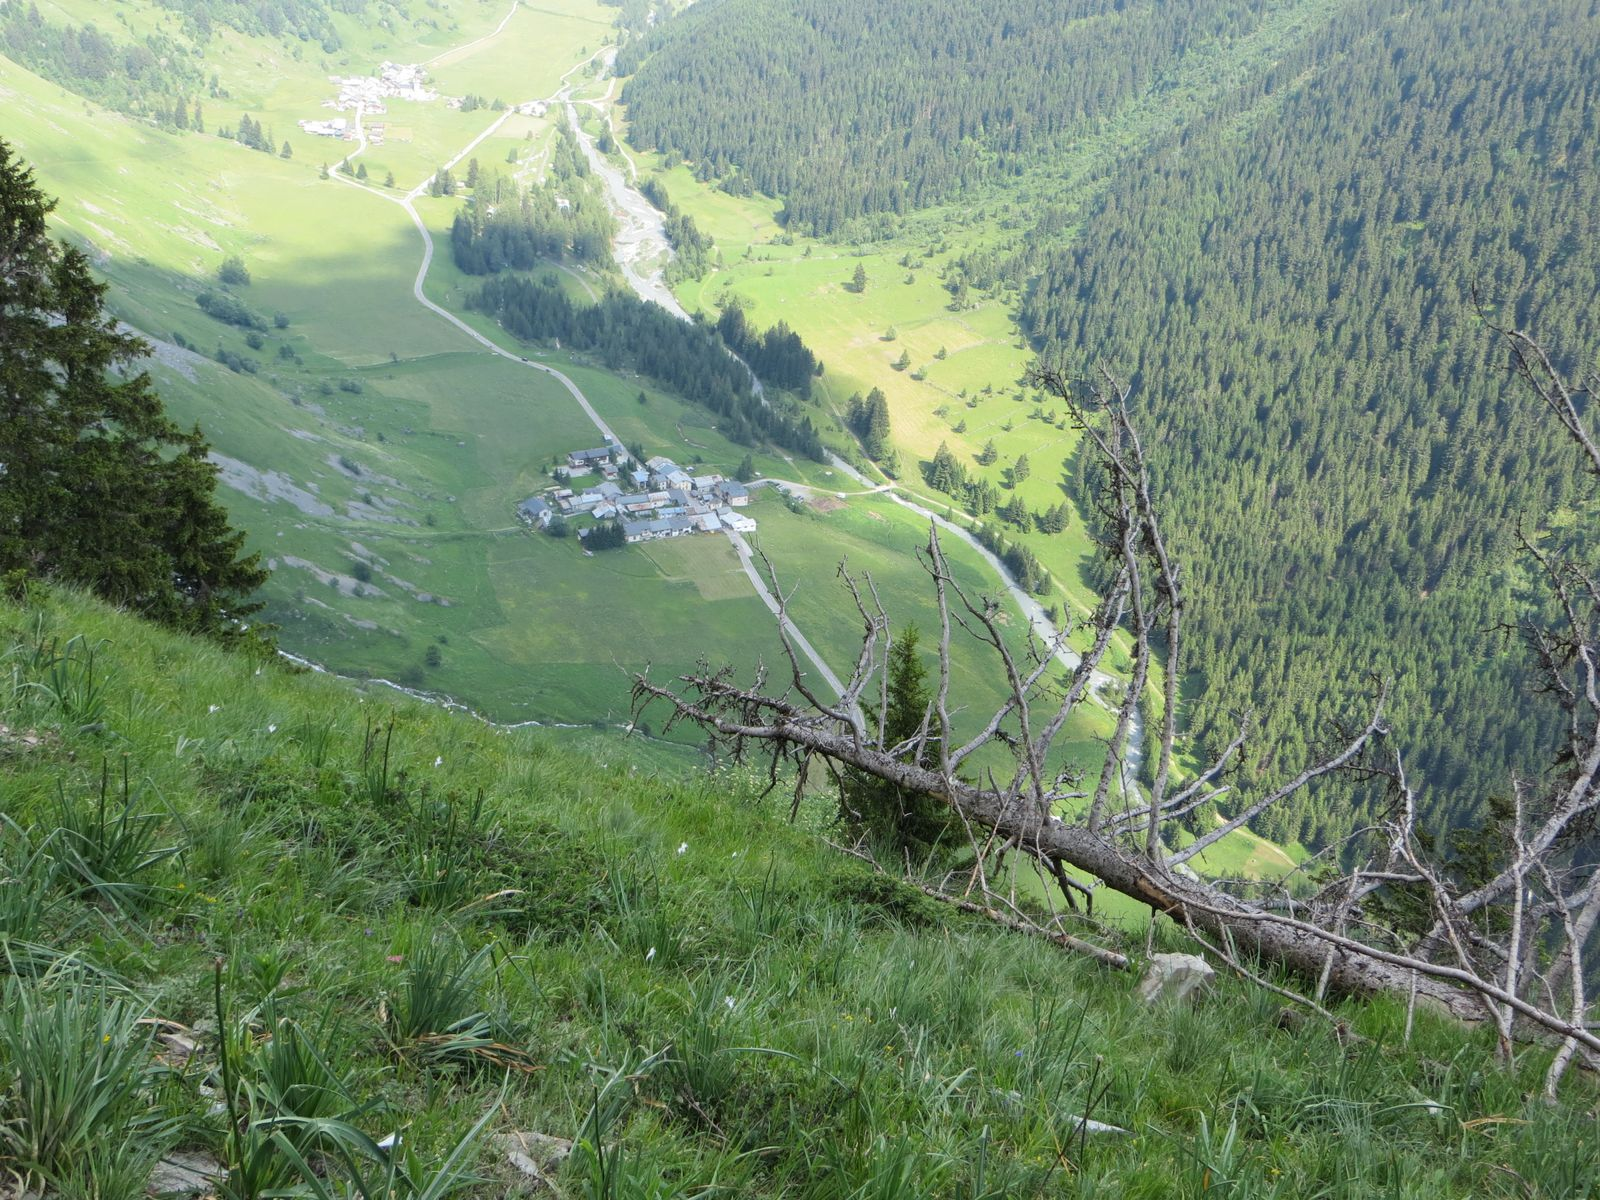 Randonnée Montagne - Pointe de la Vélière (Vanoise)